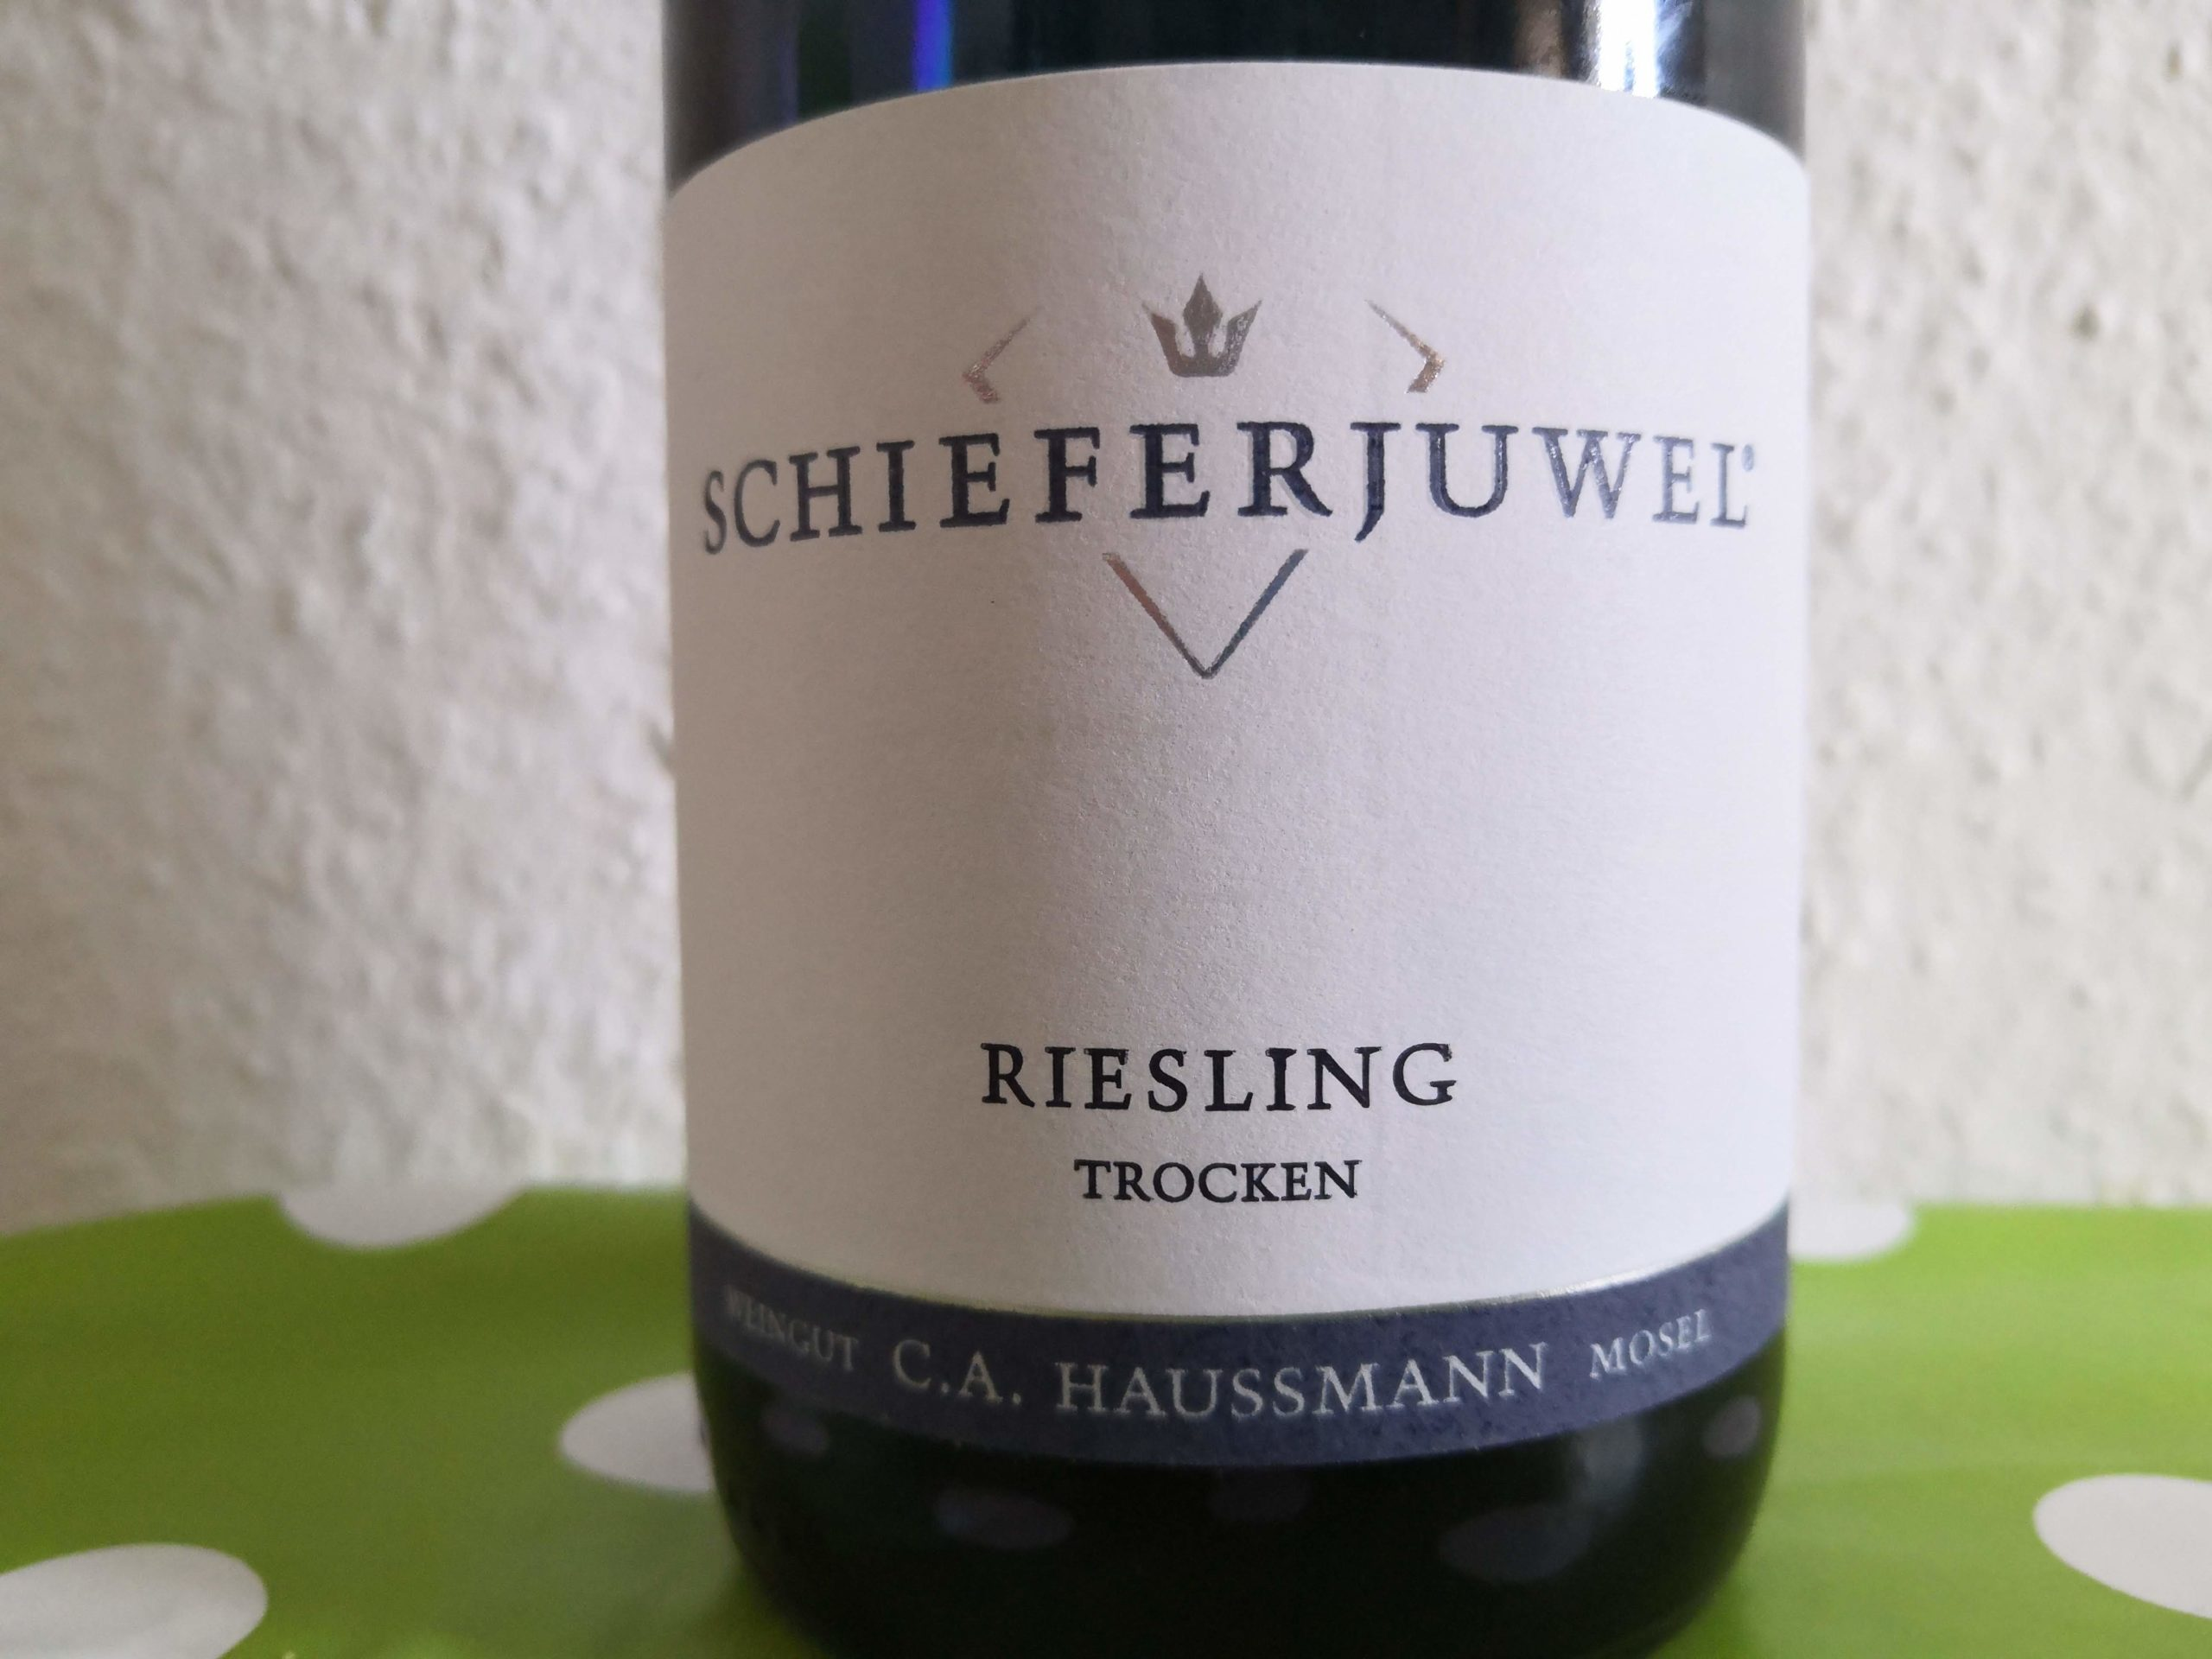 2016er Schieferjuwel Riesling trocken vom Weingut C.A. Hausmann